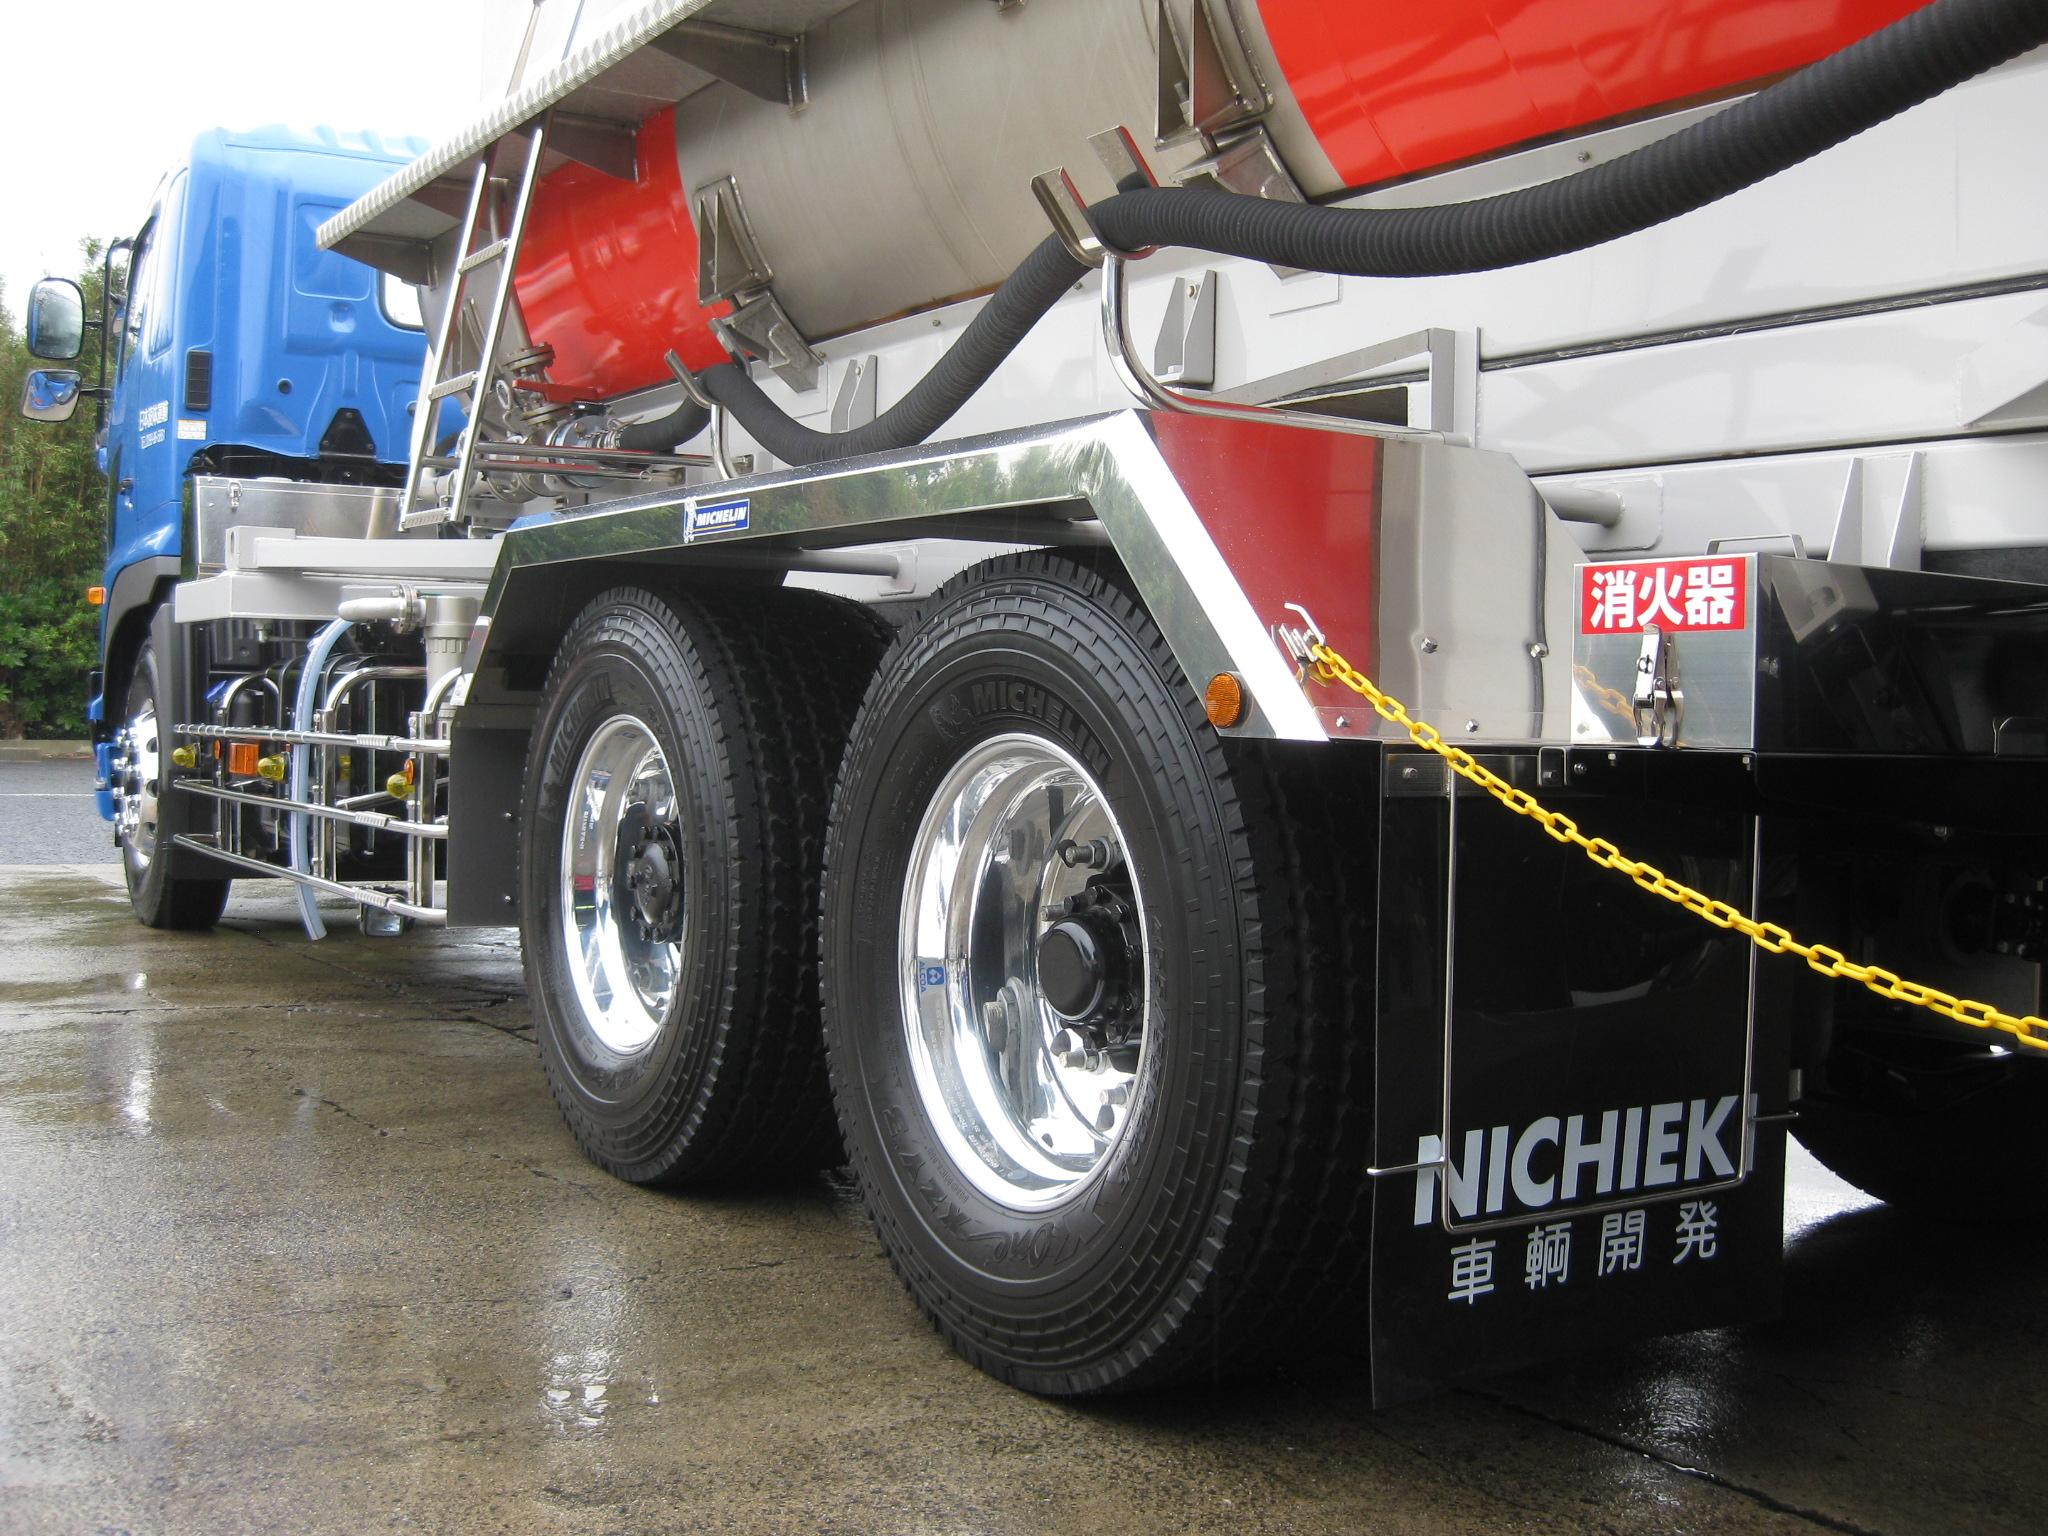 X One装着 日本液体運輸タンクローリー_2